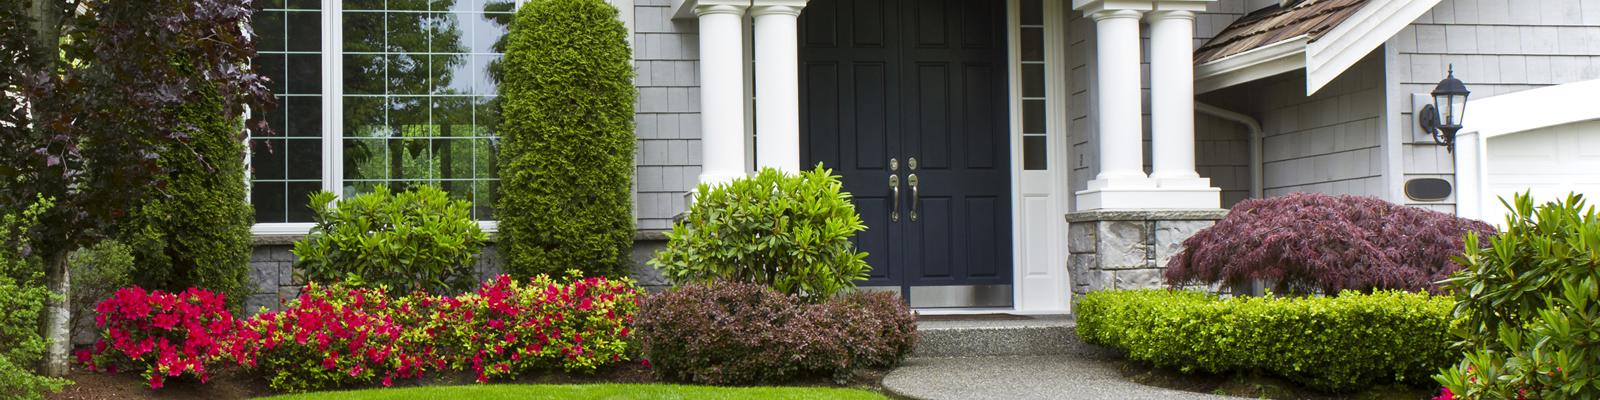 Mississauga Real Estate Listings